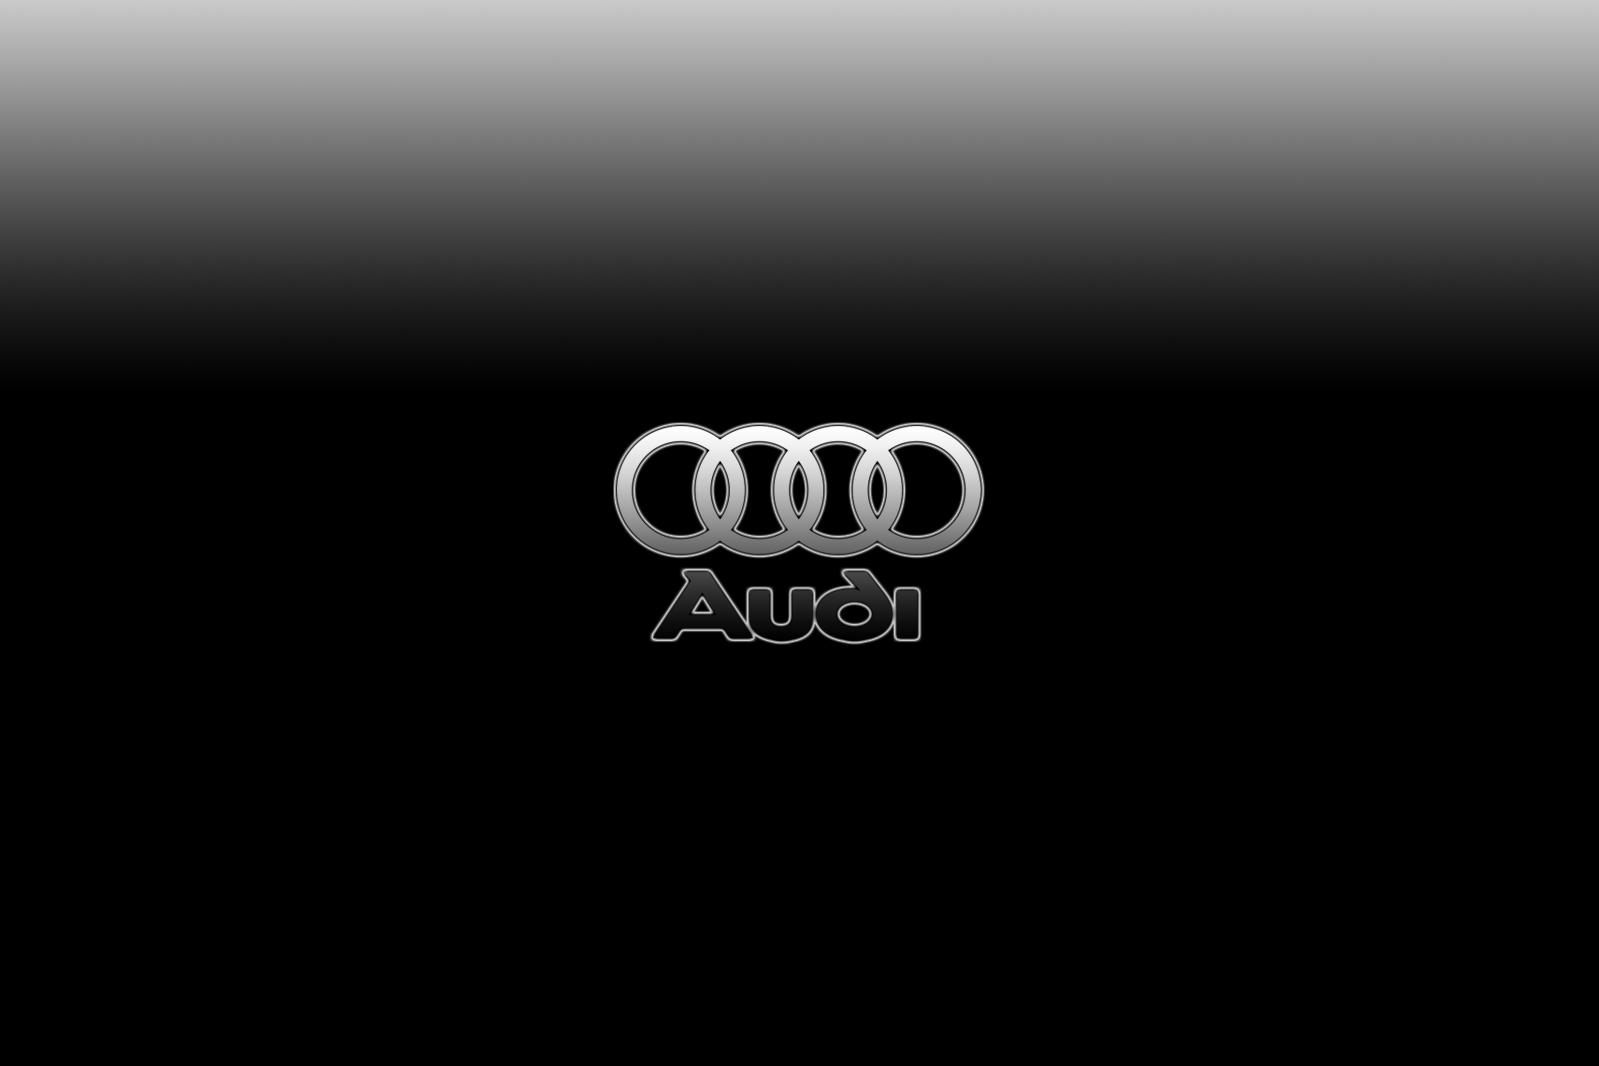 Auto Car Logos Audi Logo - Audi car symbol